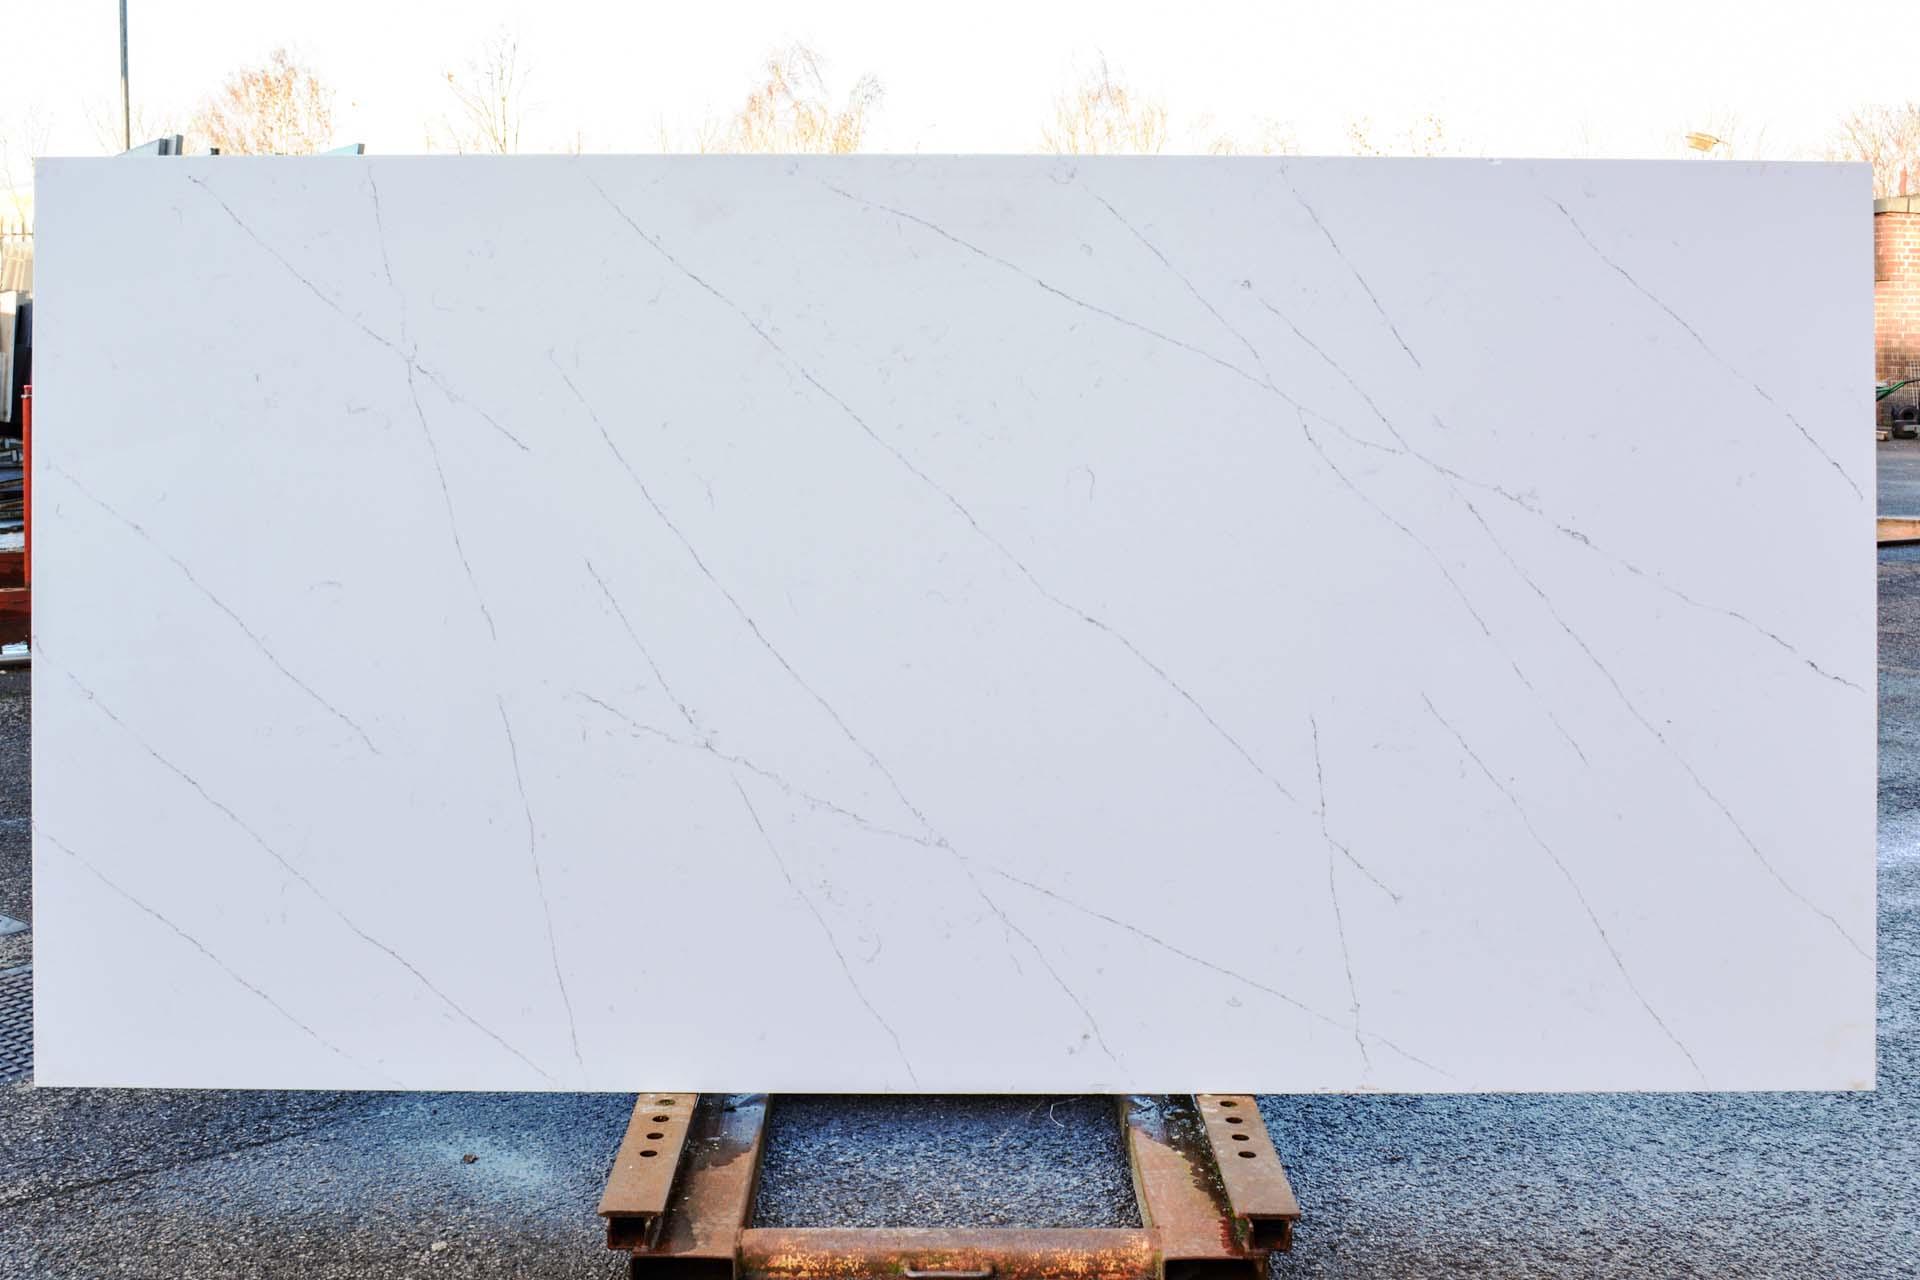 Arenastone Calacatta Delicato quartz worktops